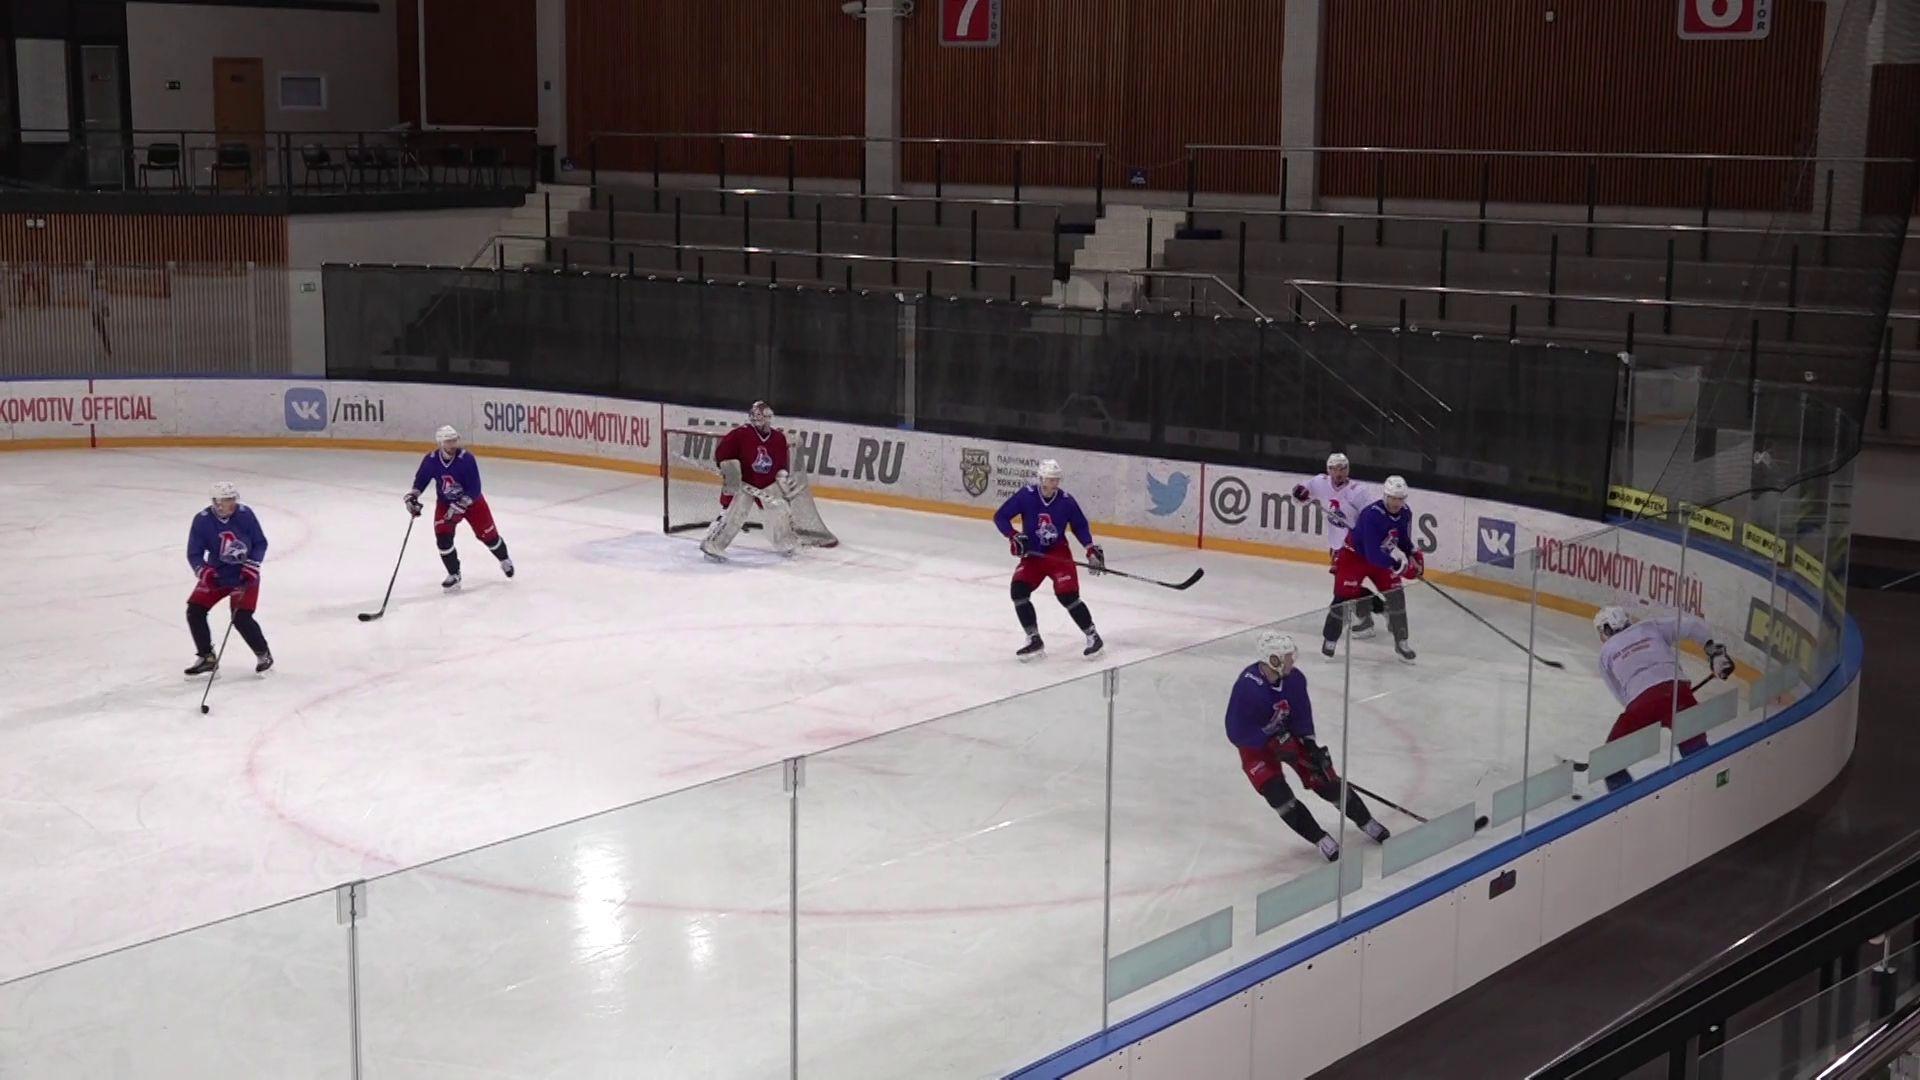 Ярославский «Локомотив» провел очередную тренировку на своей базе на проспекте Фрунзе